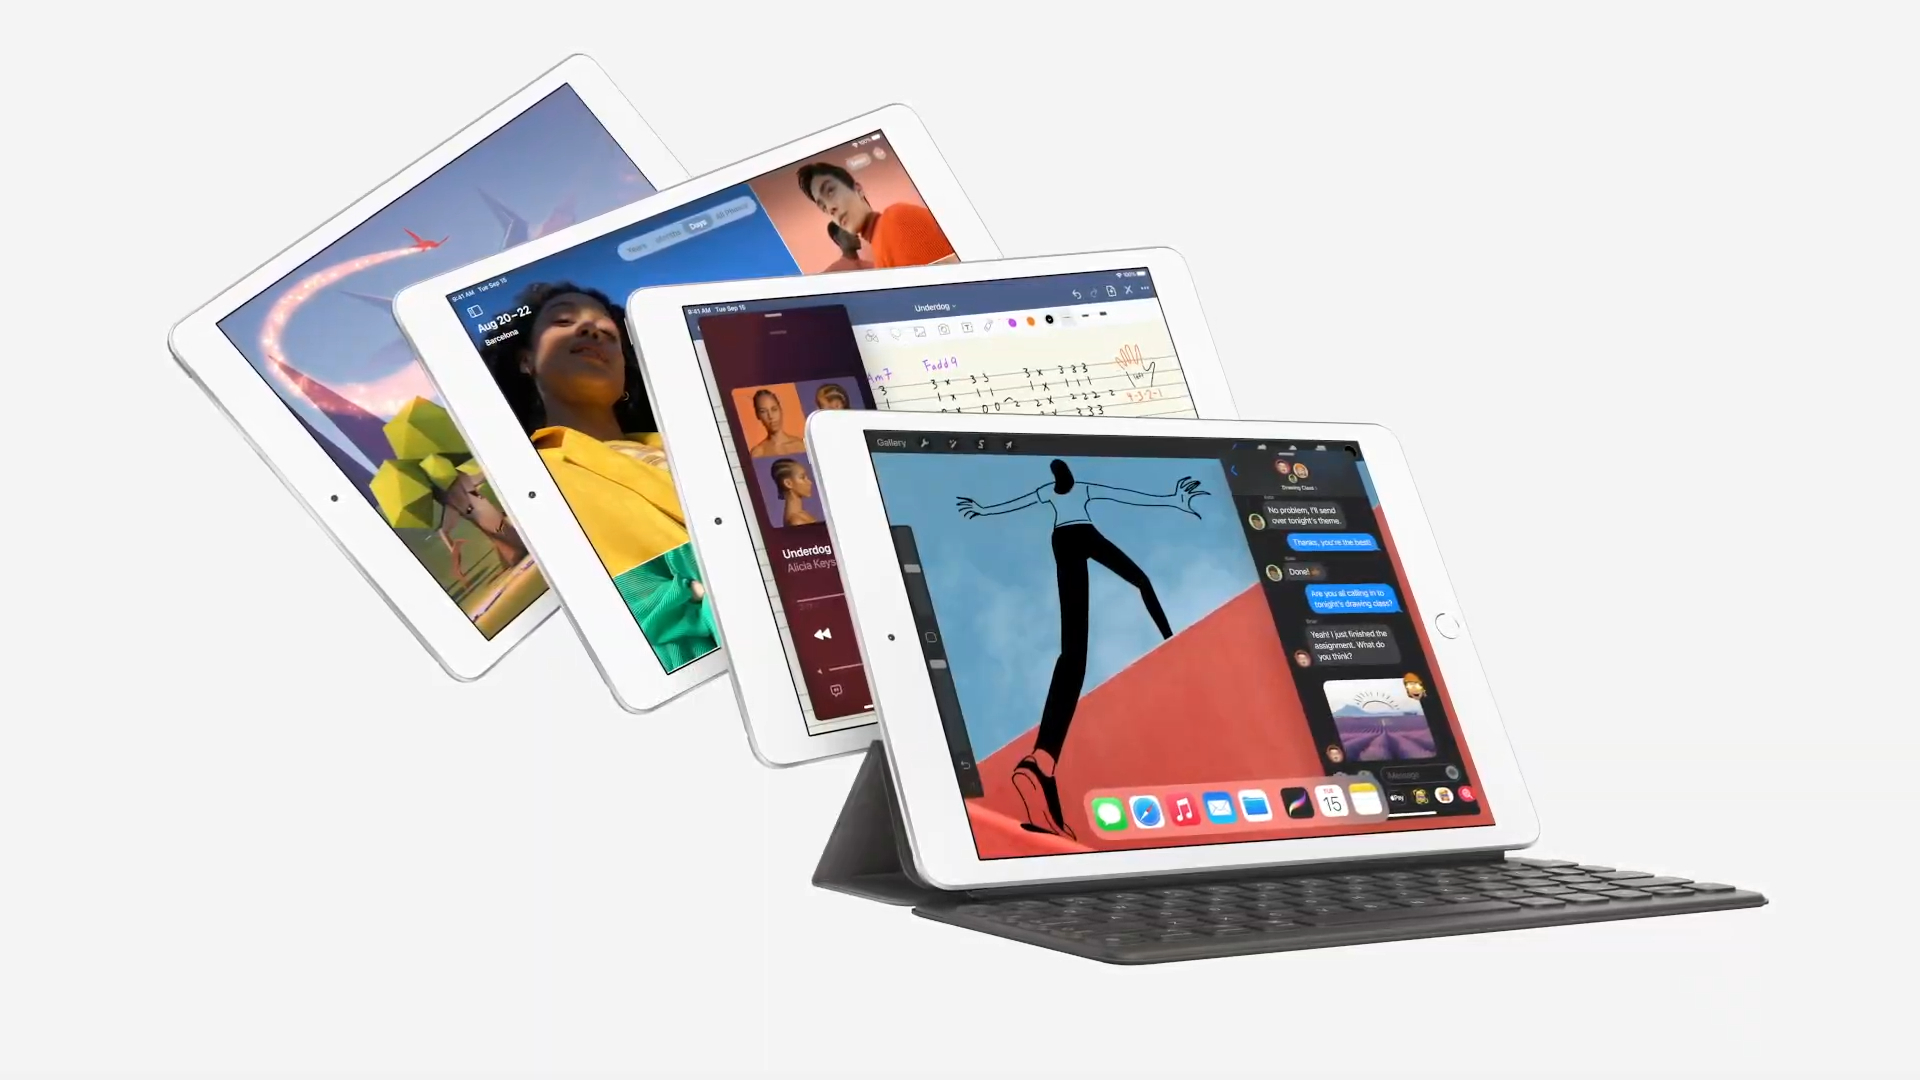 Piața de tablete a crescut cu 53% în 2021. Apple conduce în vânzări cu modelul iPad 8